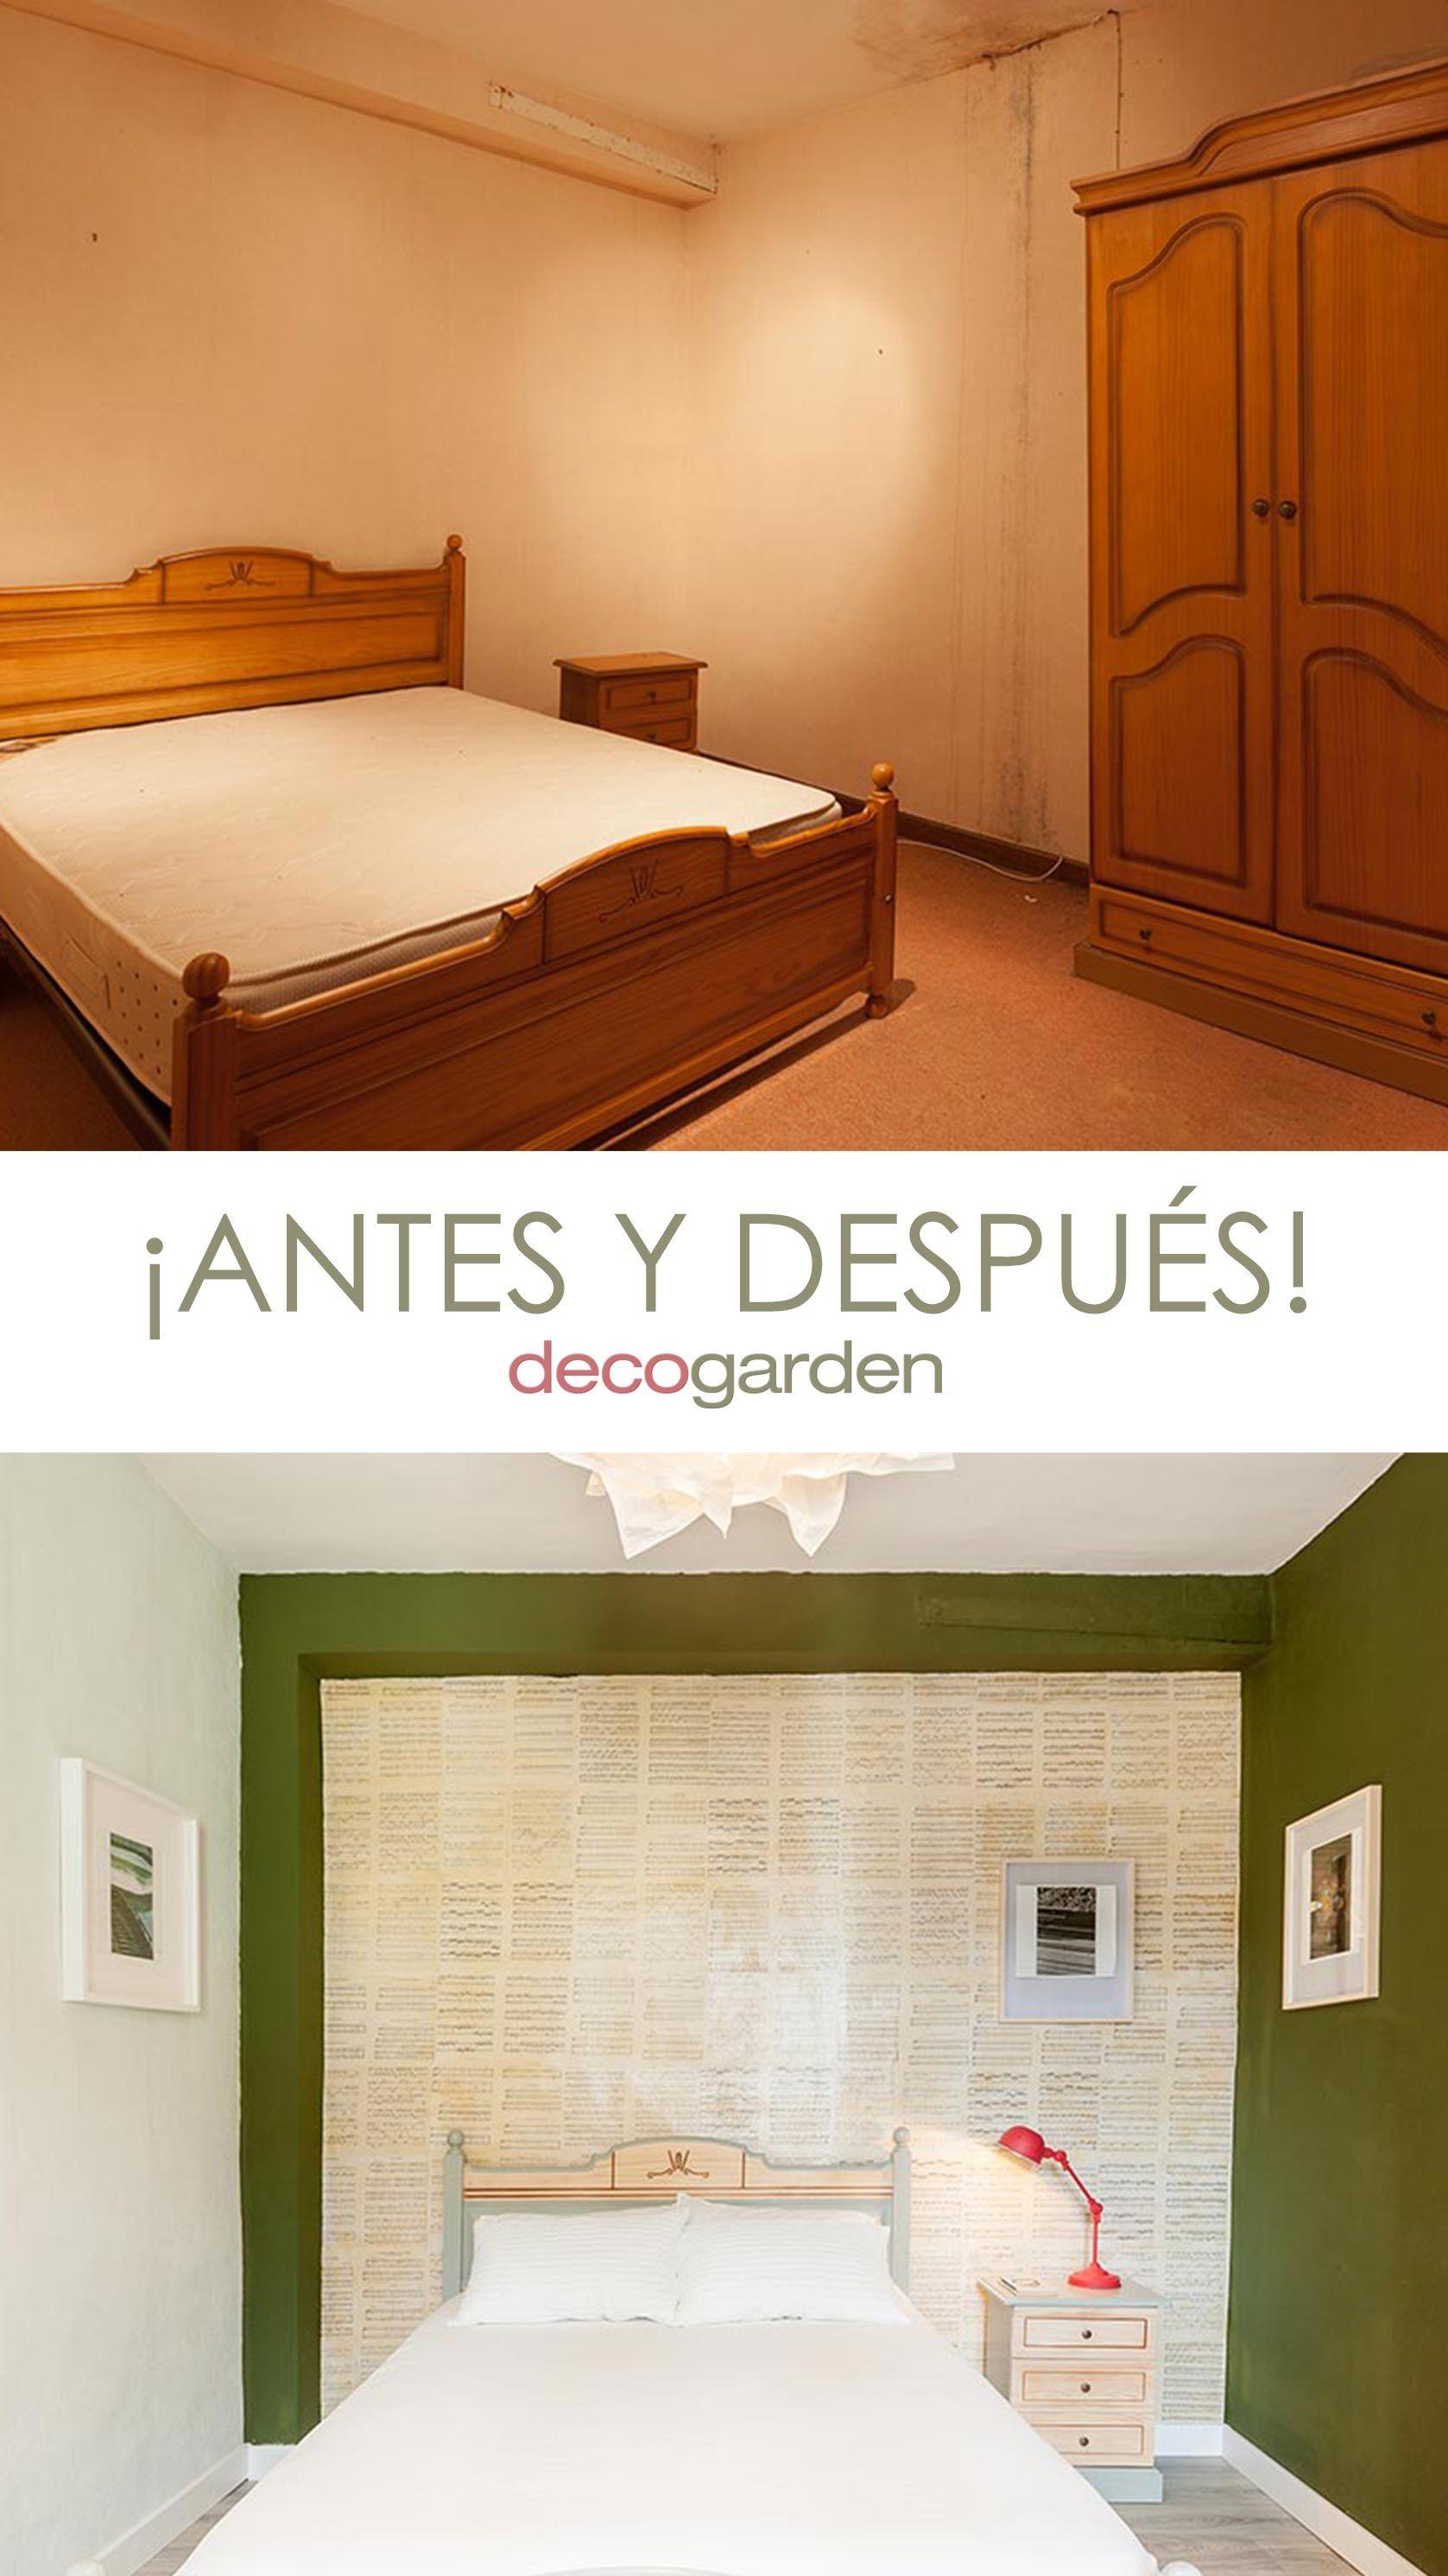 Dormitorio verde con decoración musical sin obra